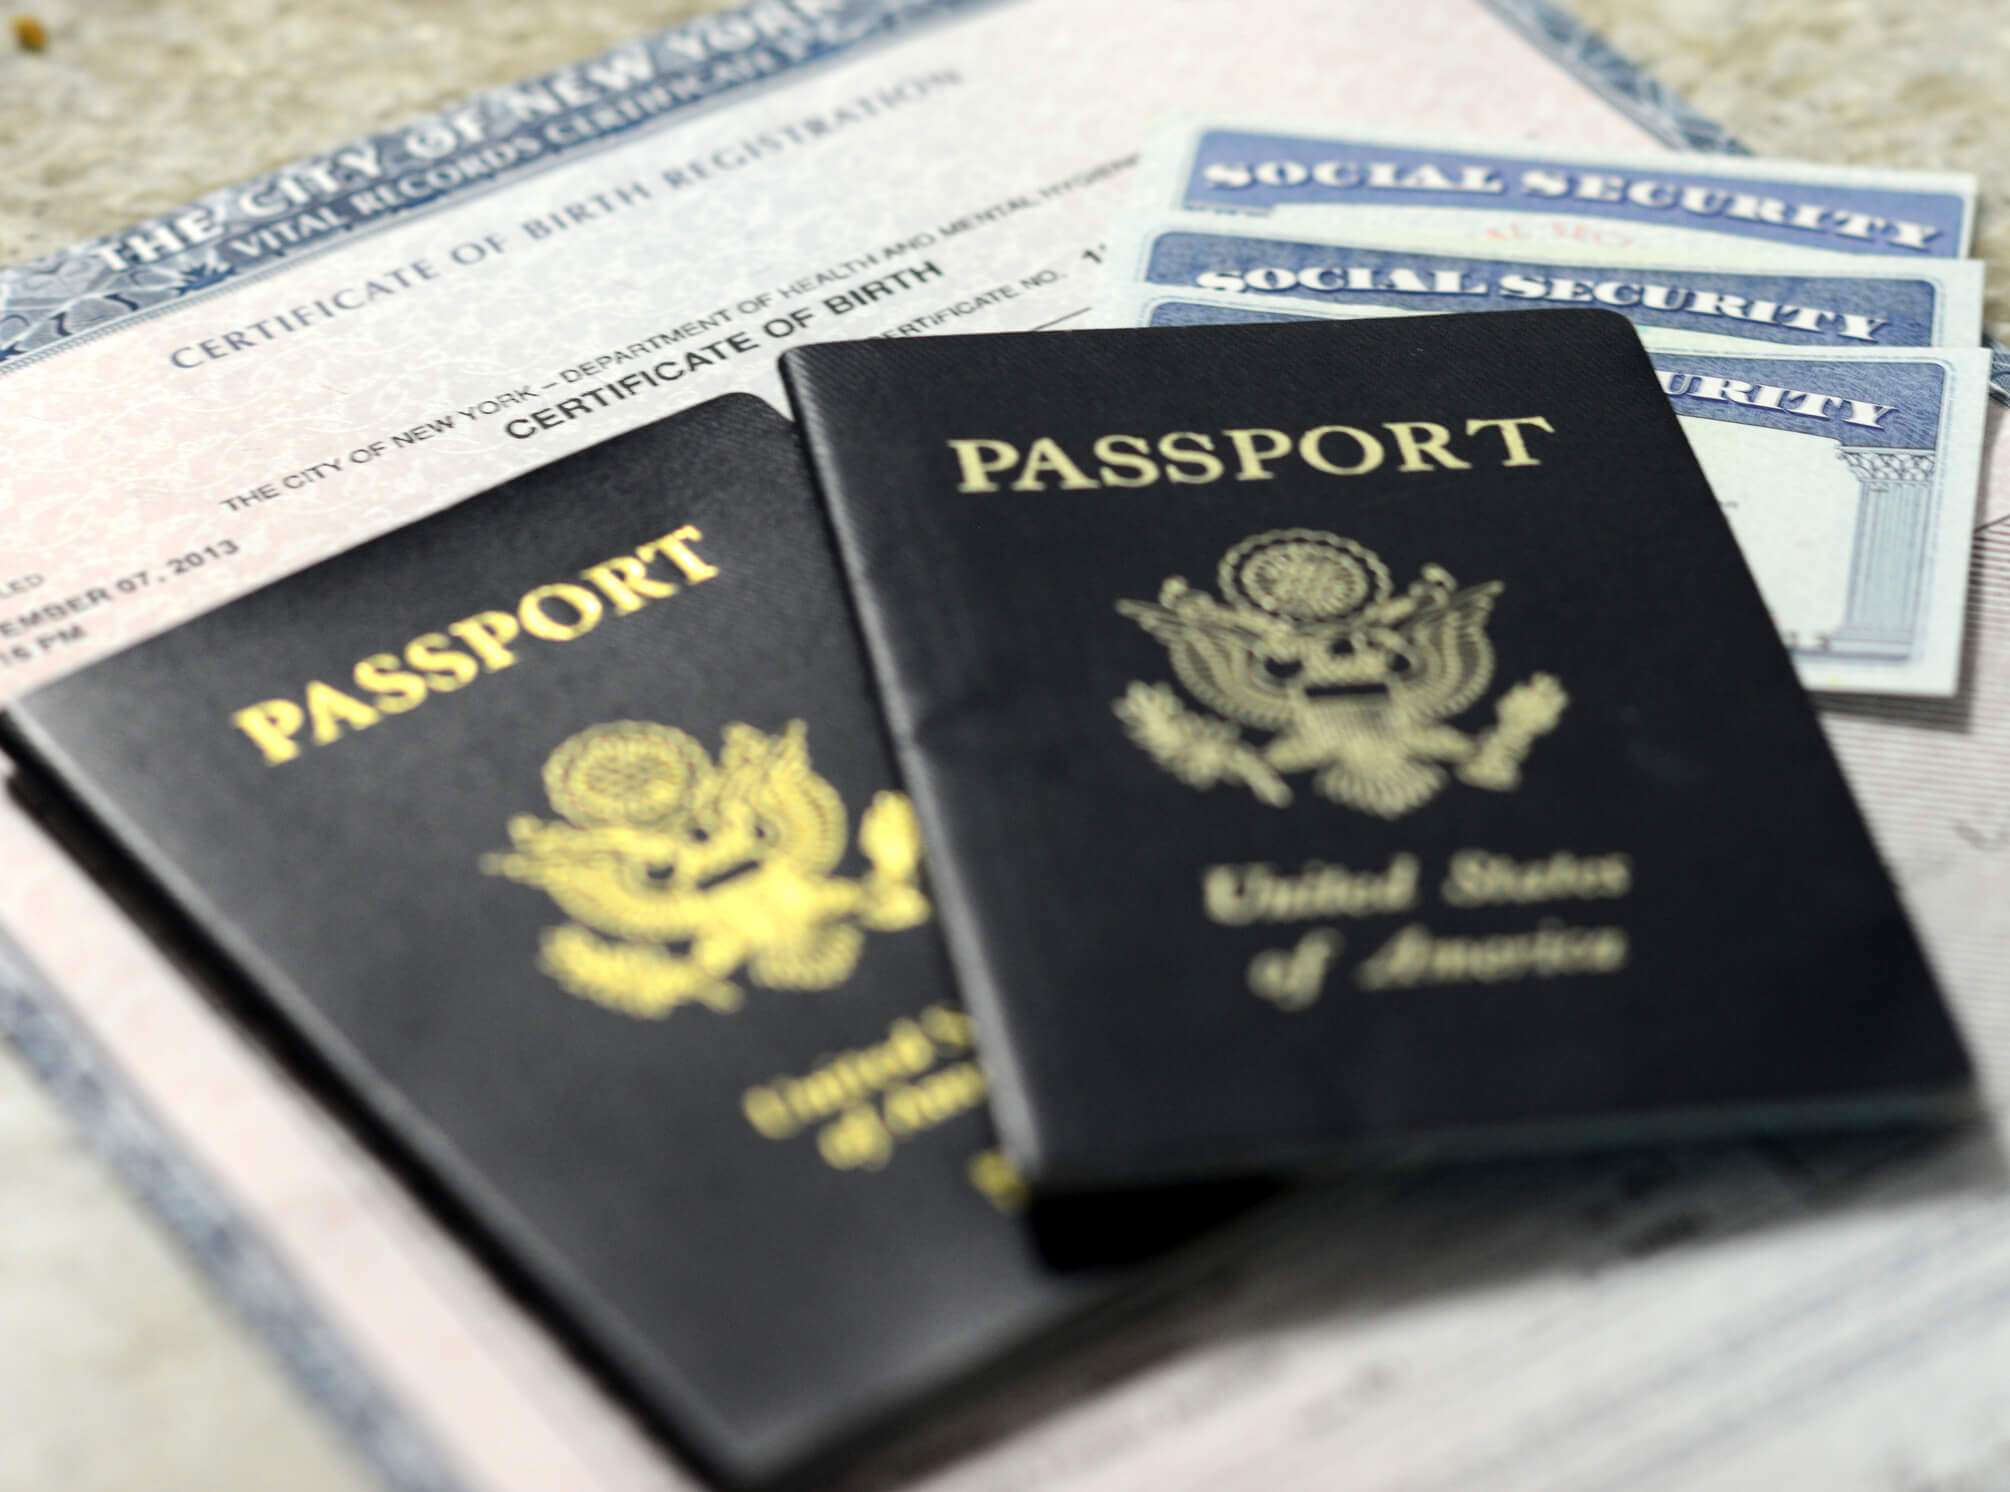 Certidão de nascimento para filhos nascidos nos EUA: como funciona?